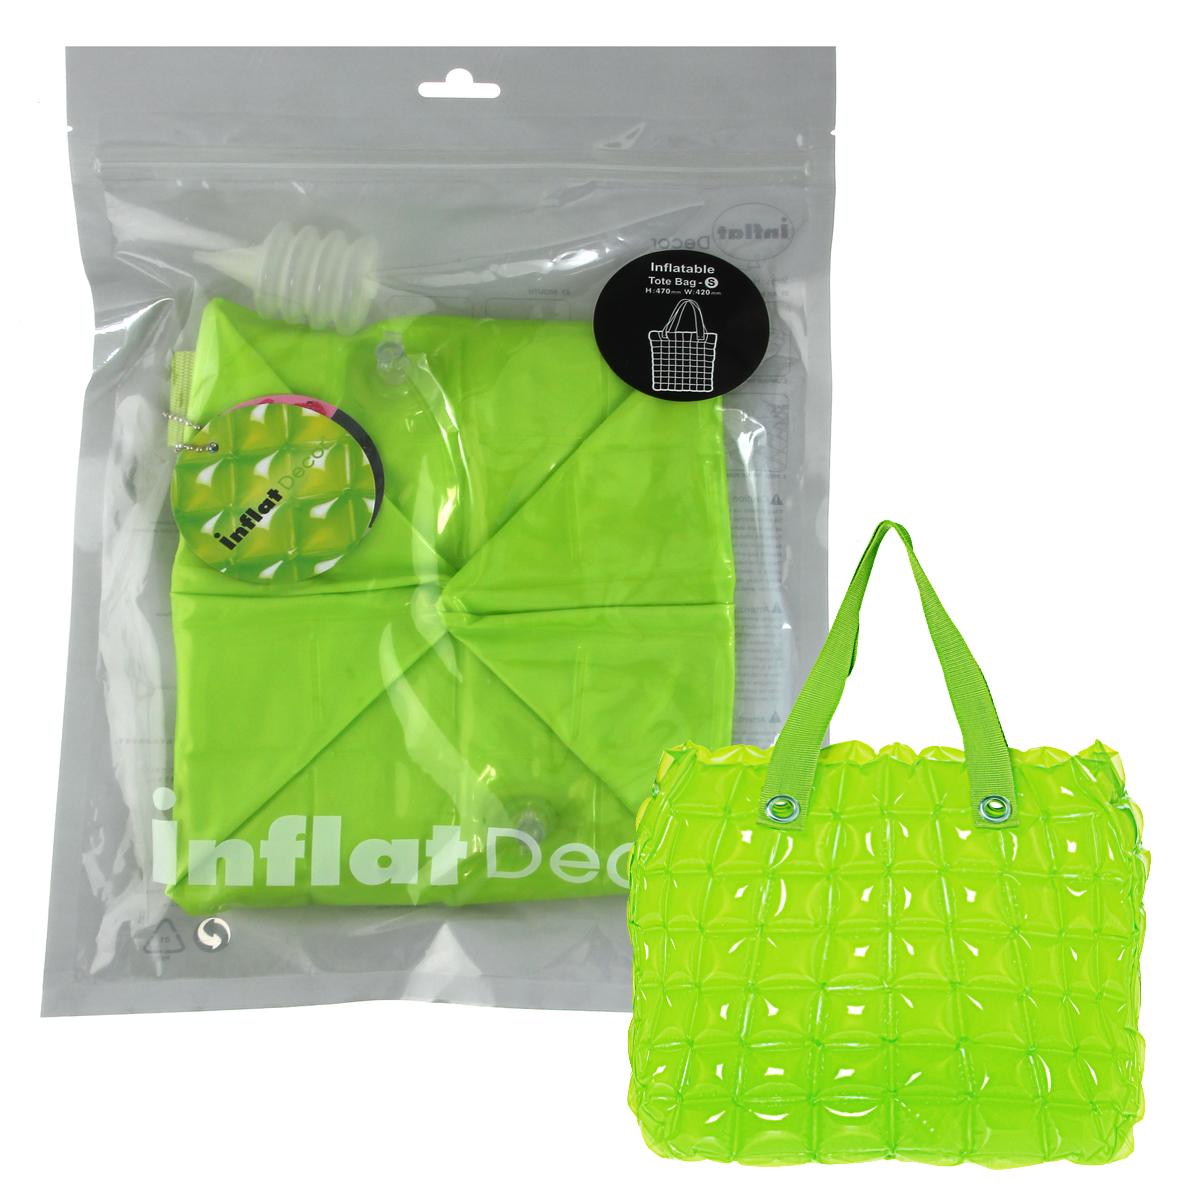 Сумка надувная Inflat Decor, цвет: лайм. 00790079 Lime GreenЯркая надувная сумка - великолепный аксессуар на лето! Сумка прямоугольной формы выполнена из ПВХ и снабжена ручками из полиэстера. Сумка легко надувается при помощи мини-насоса (входит в комплект) или рта. В сдутом виде сумка очень компактна и не займет много места. Надувная вместительная сумка - отличное решение для отдыха на пляже. Характеристики: Материал: ПВХ, полиэстер. Размер сумки: 33 см х 35,6 см х 14 см.